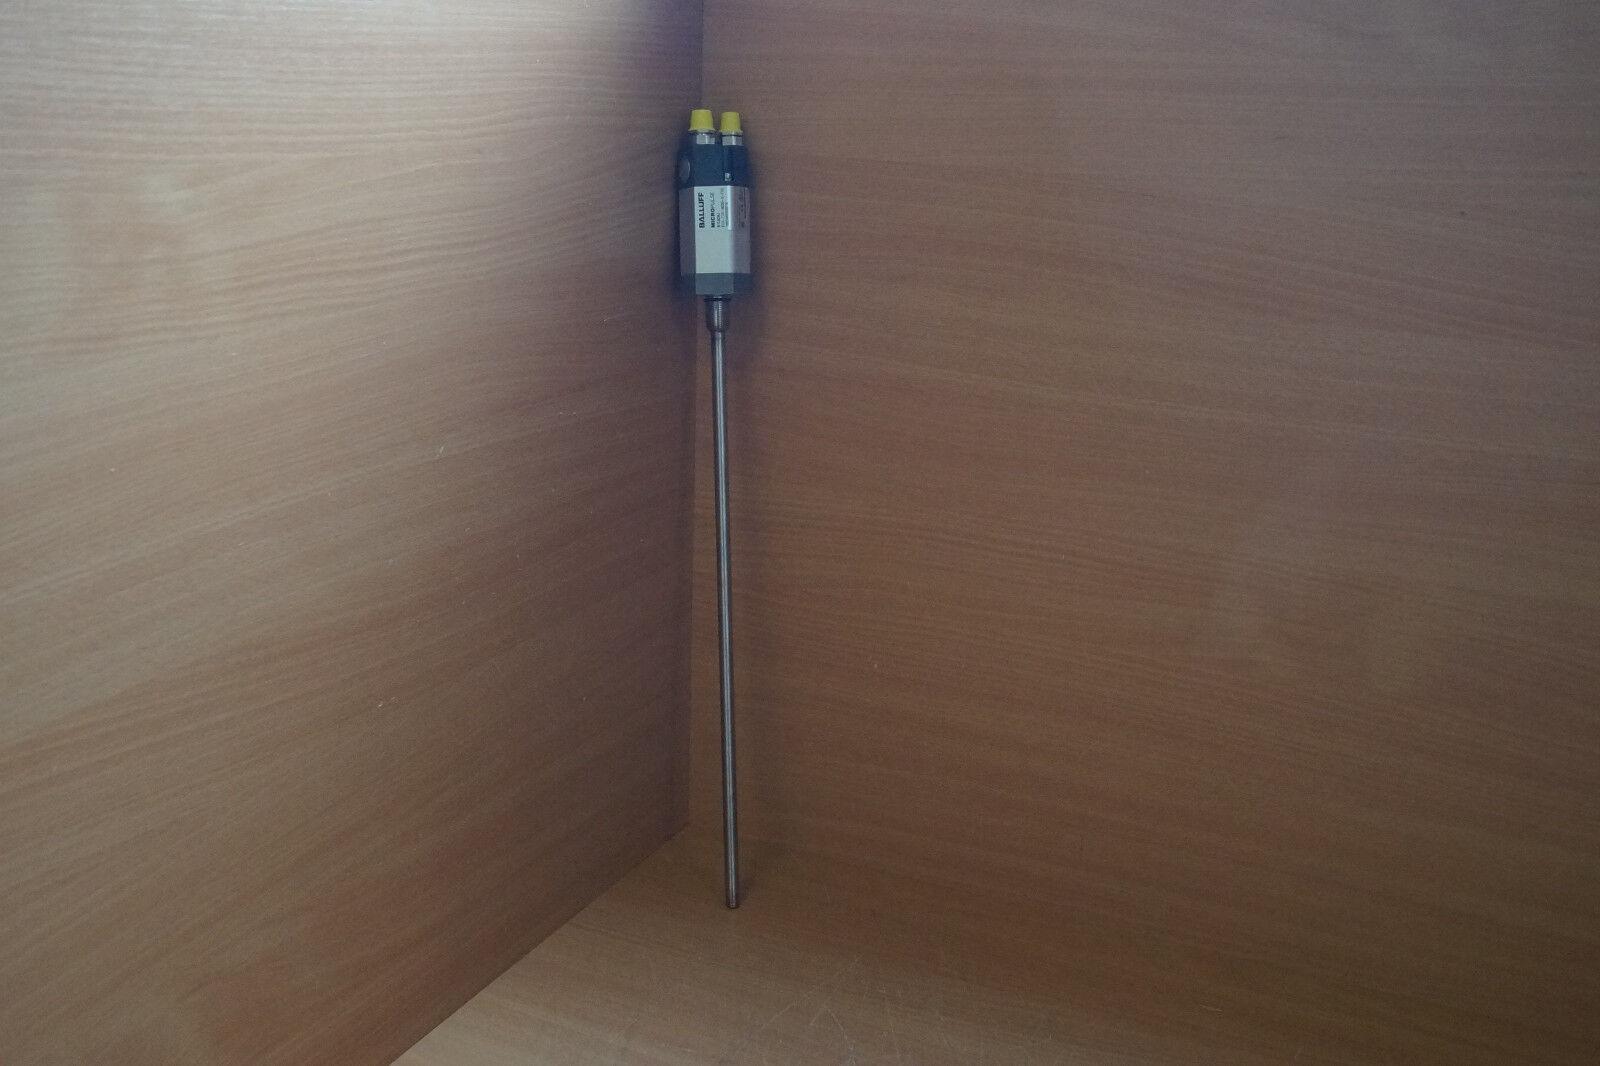 Micro Pulse Displacement Transducer Balluff BTL02KJ BTL5-T110-M0350-B-S103